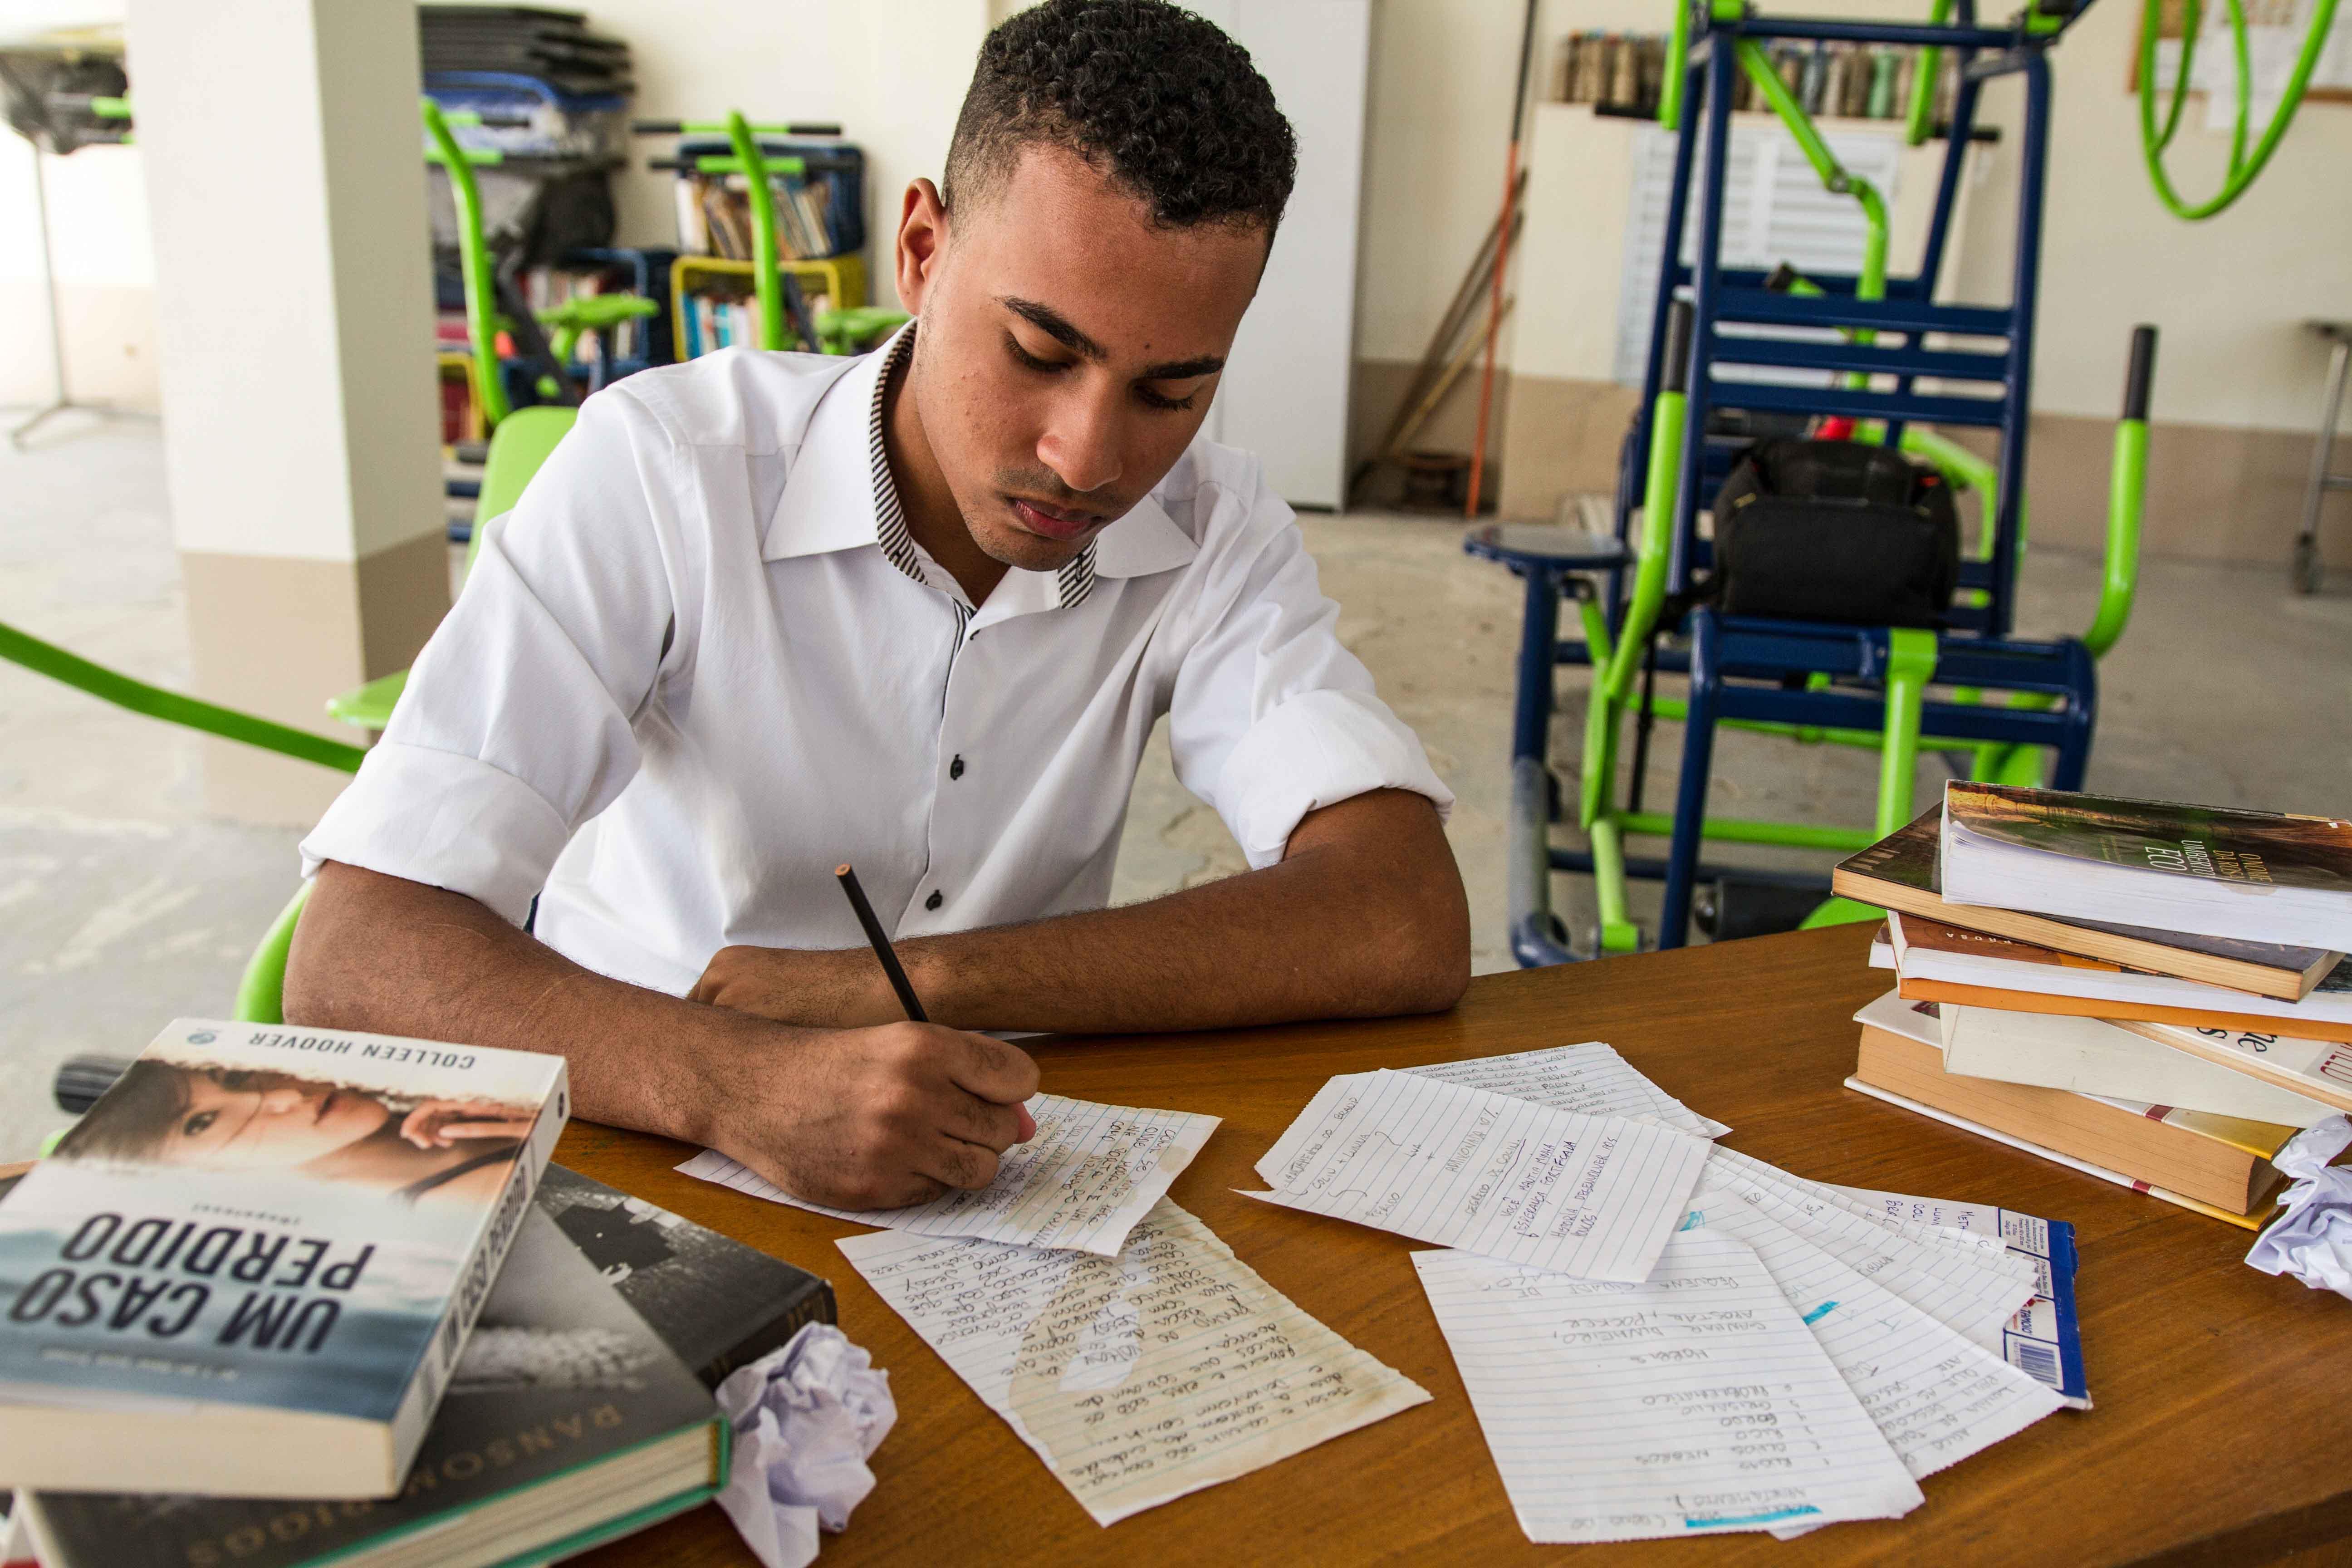 Jovem do Morro da Formiga escreve segundo livro